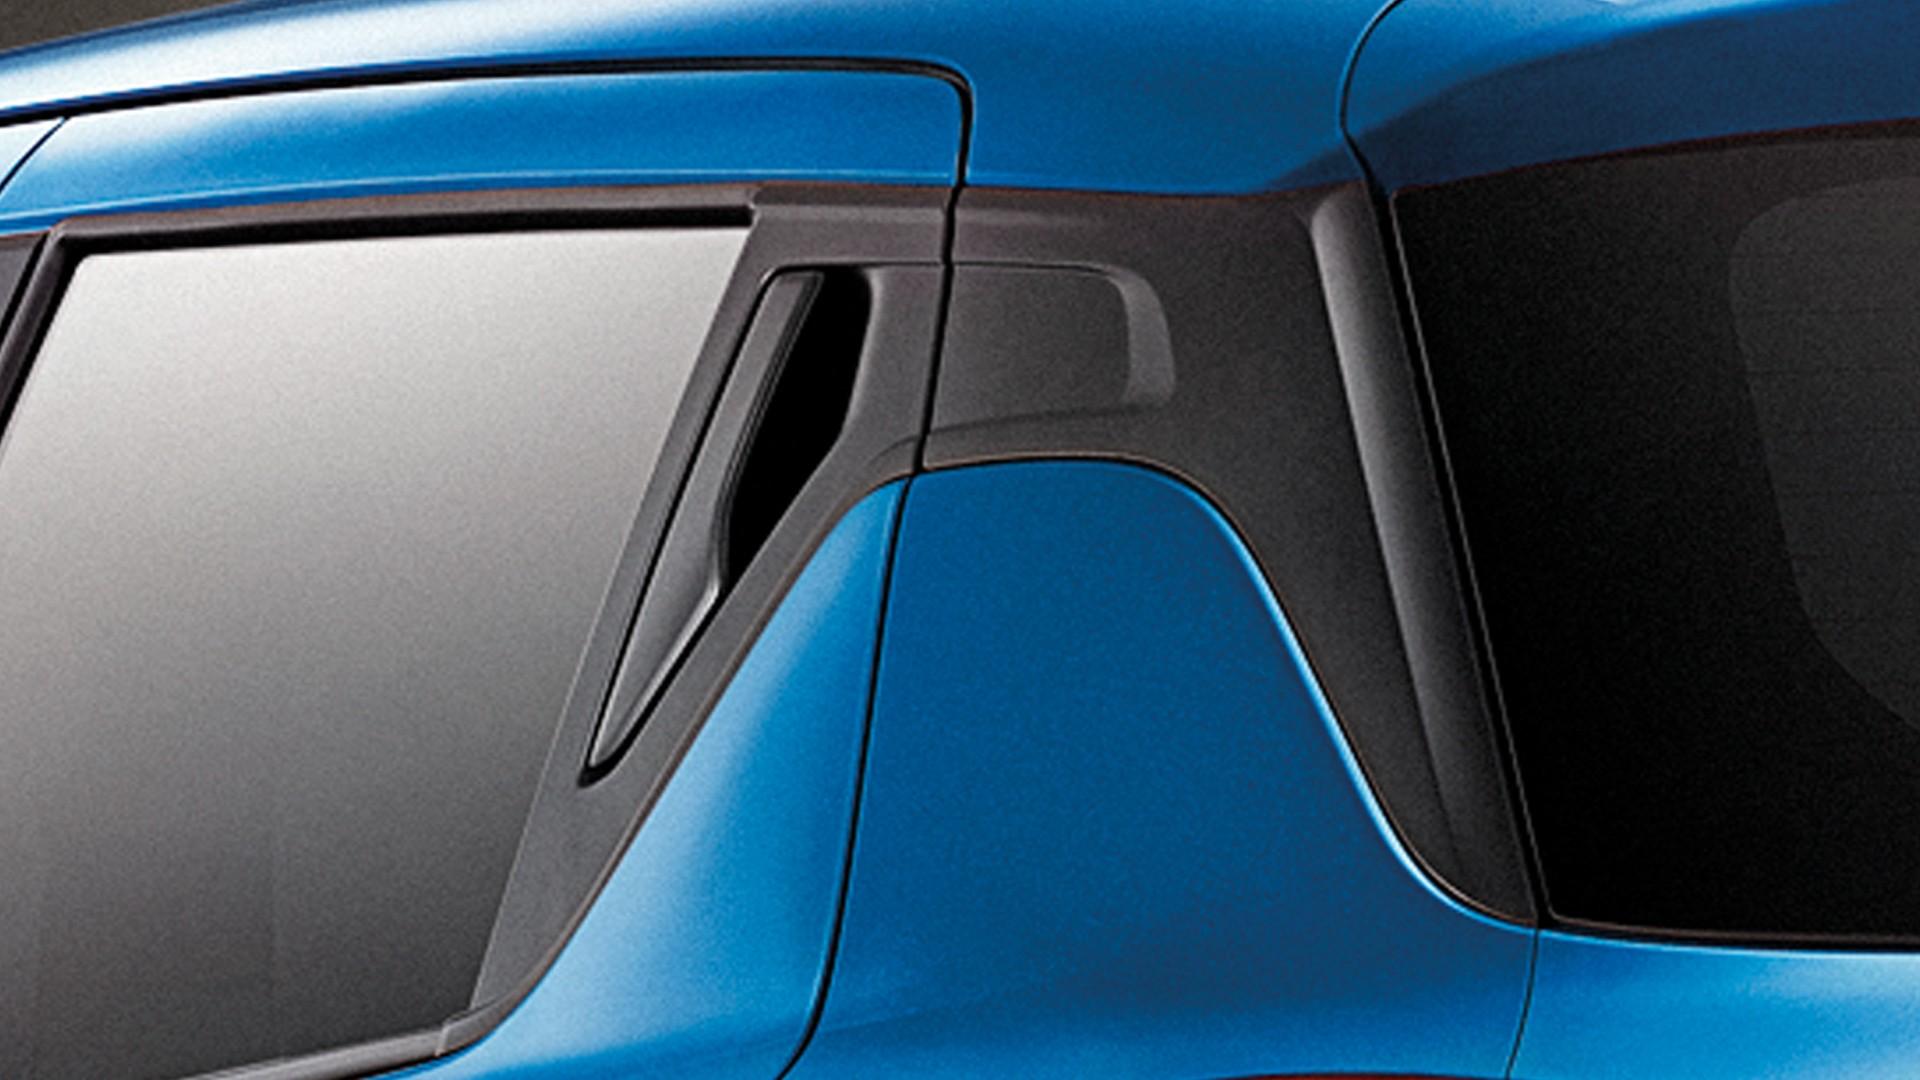 New Suzuki Swift มือจับประตูด้านหลัง